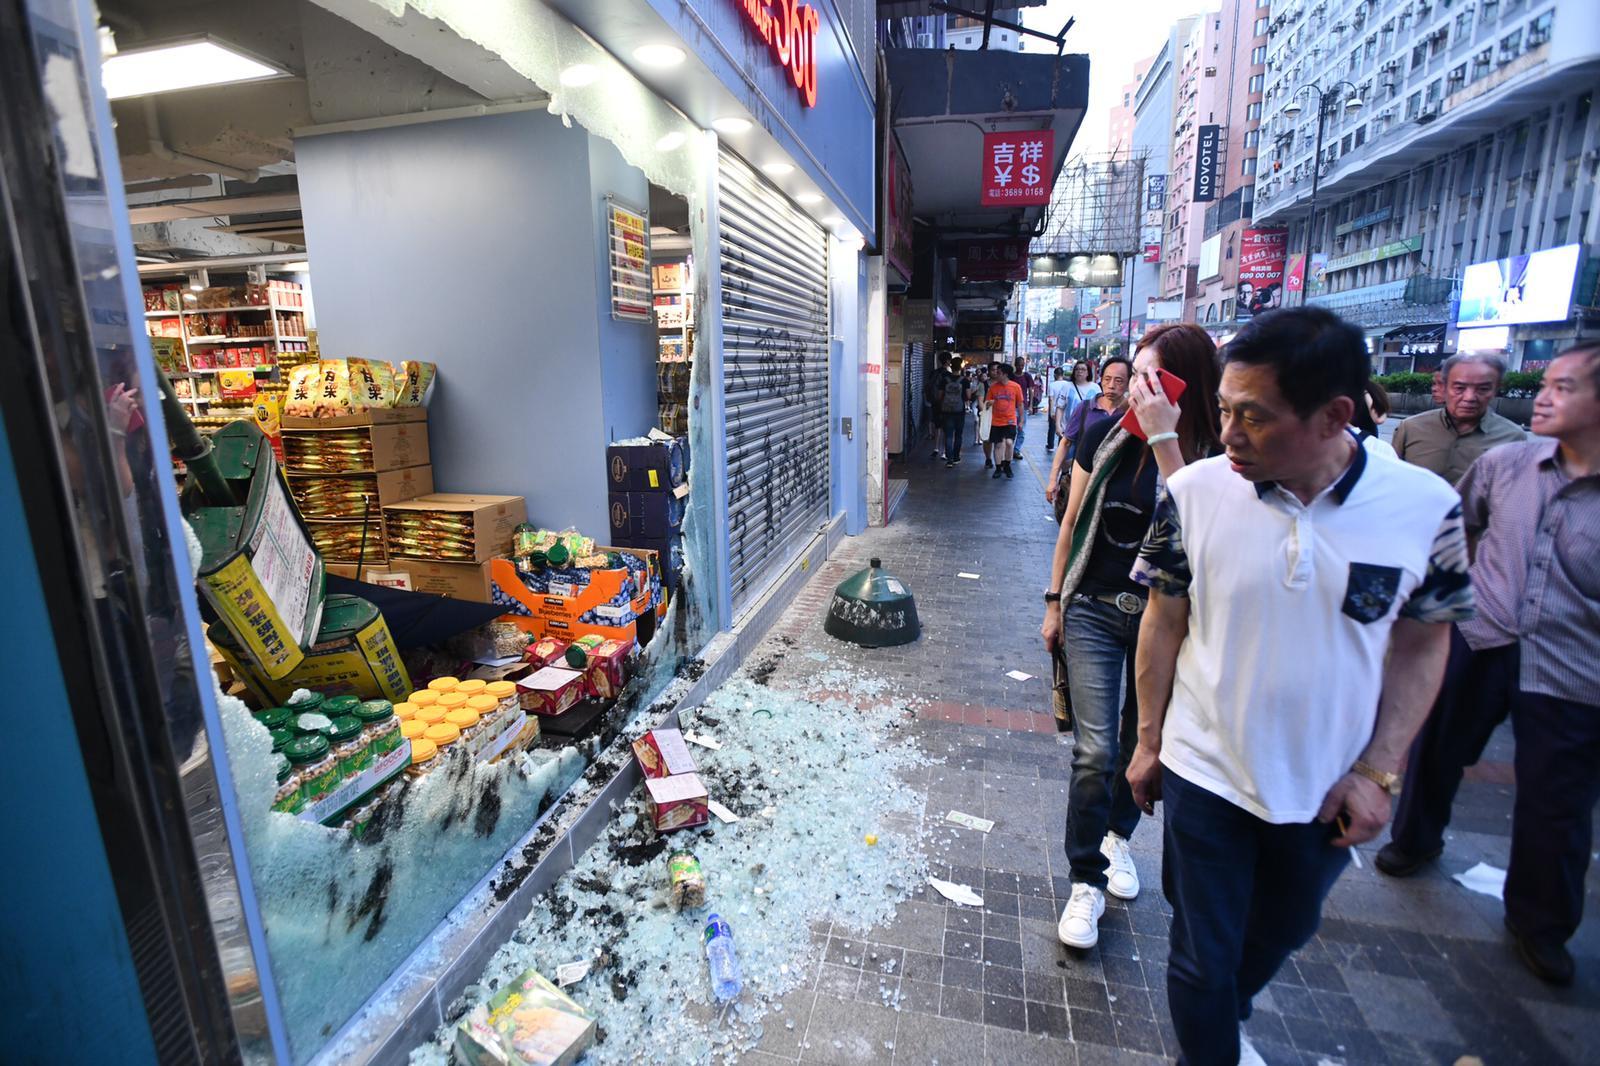 示威者大肆破壞多間商店。